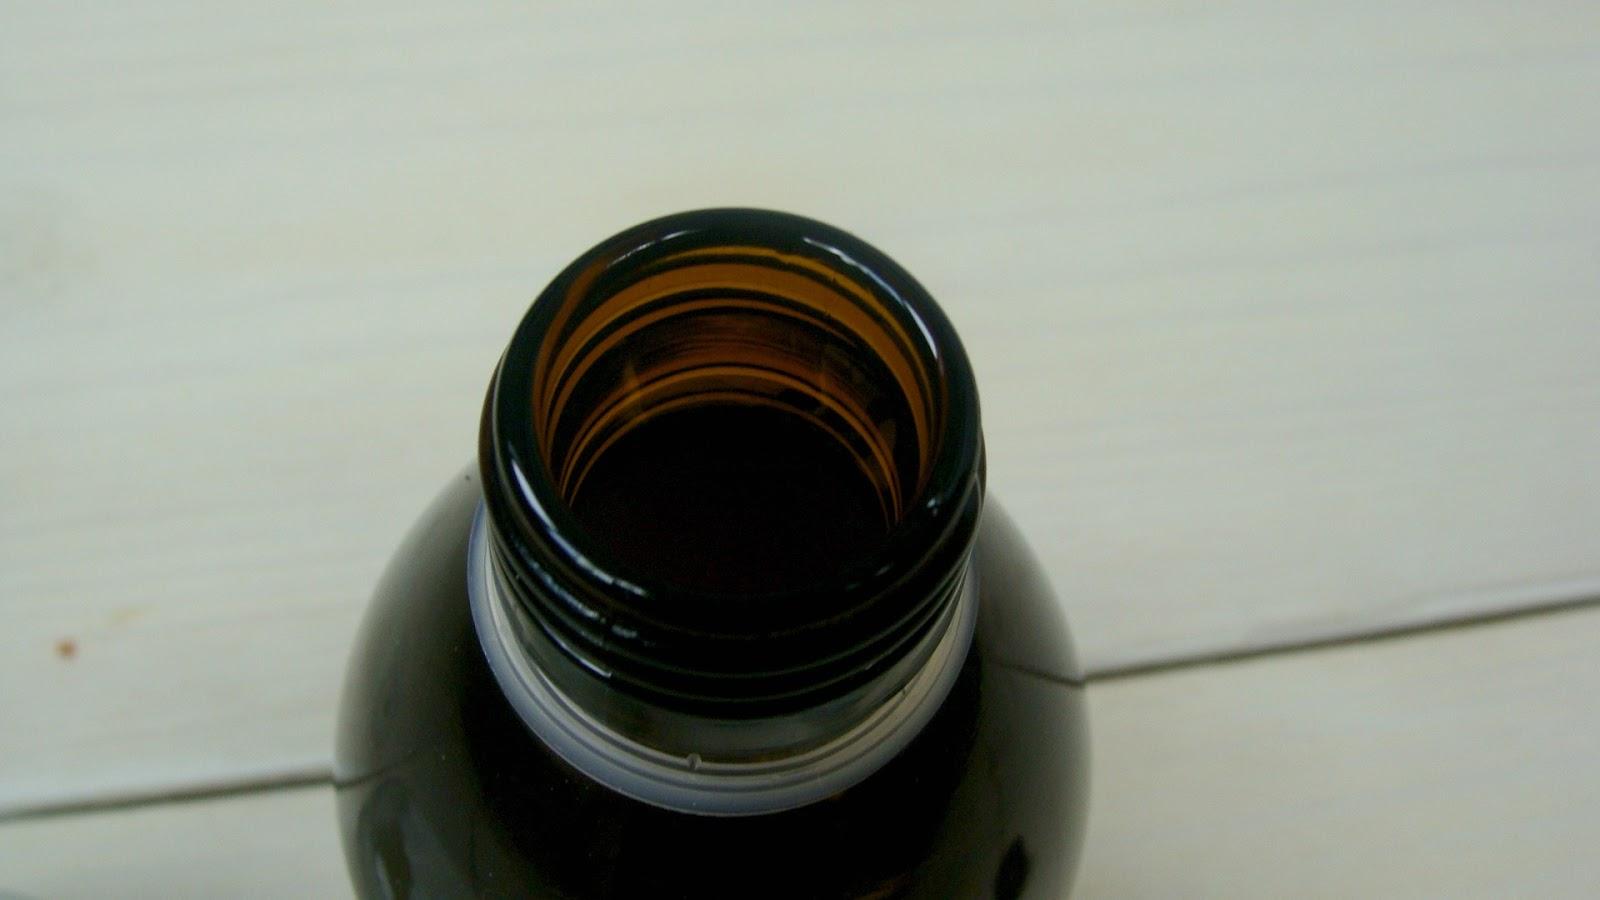 Olej lniany, olej kokosowy, olini, oleje naturalne,